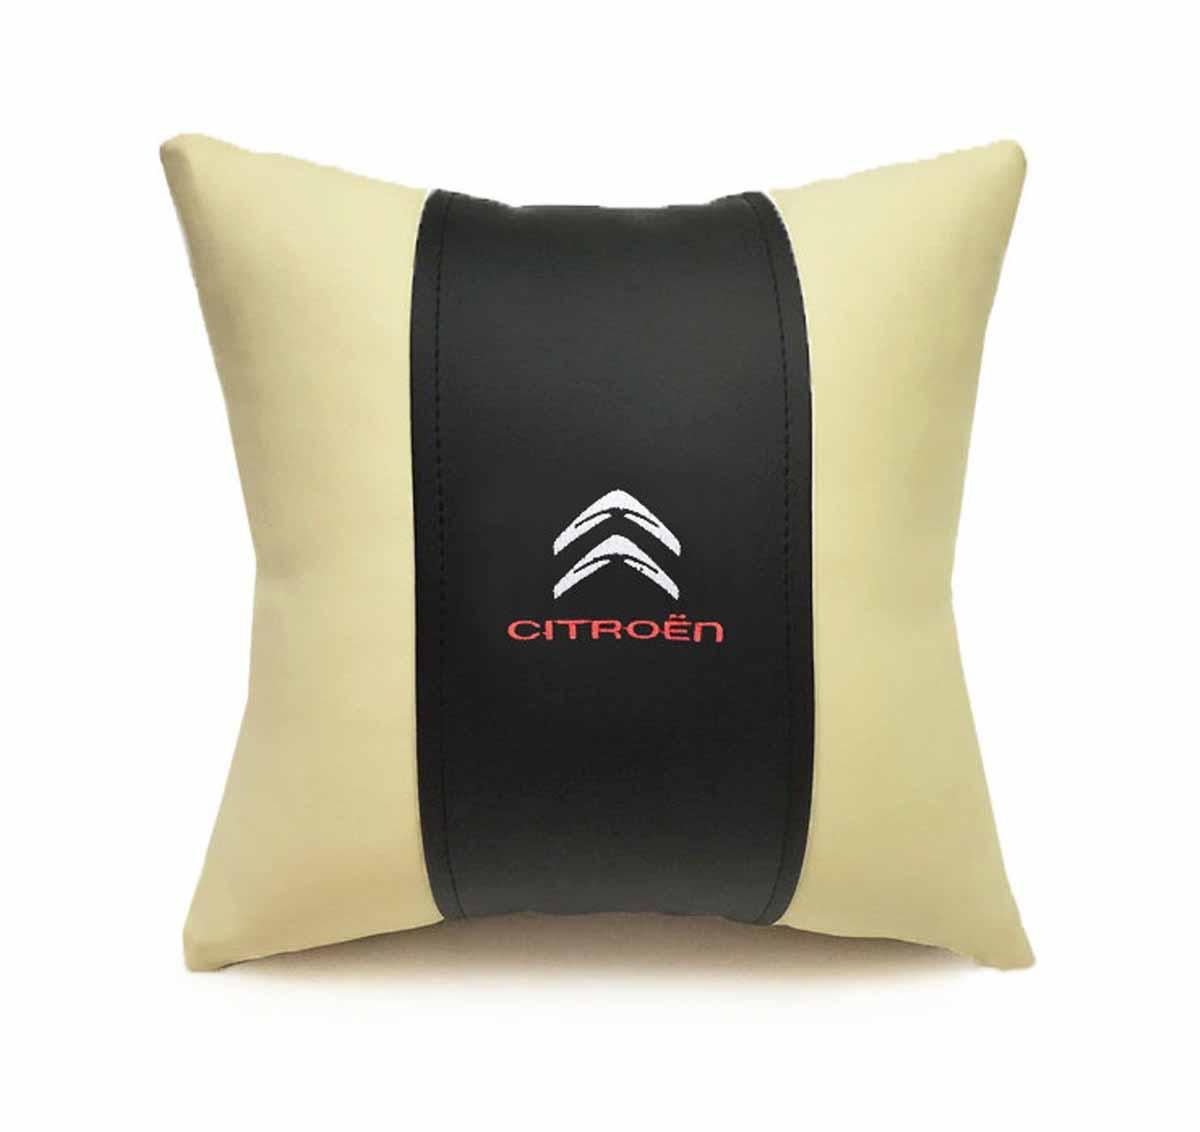 Подушка декоративная Auto premium Citroen, цвет: черный, бежевый подушка декоративная auto premium я патриот цвет черно бежевый 37257